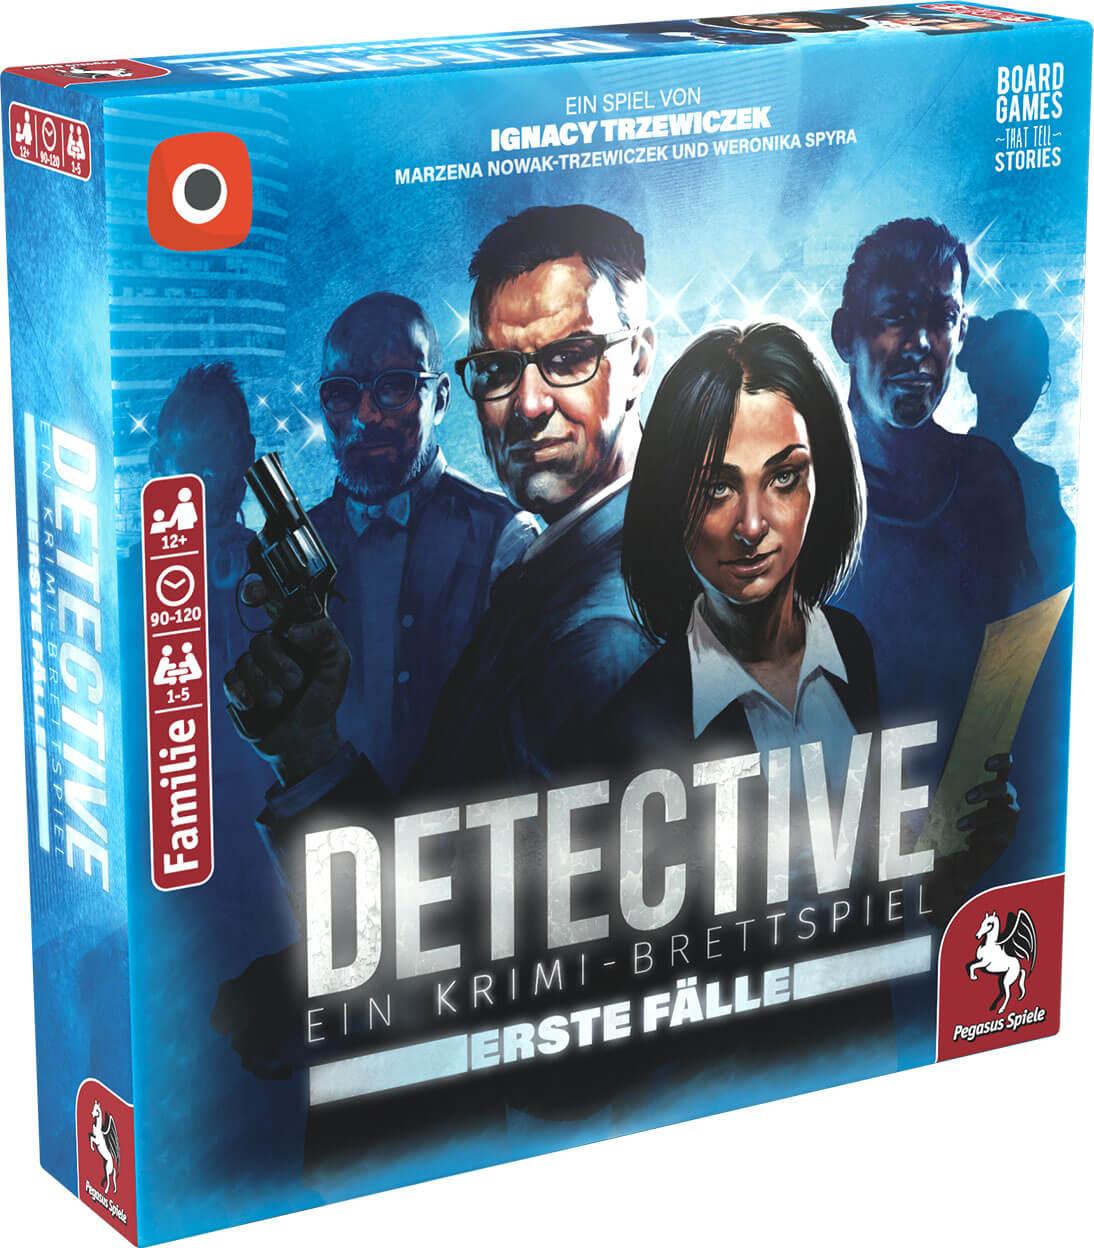 Schachtel Vorderseite links- Detective – Erste Fälle